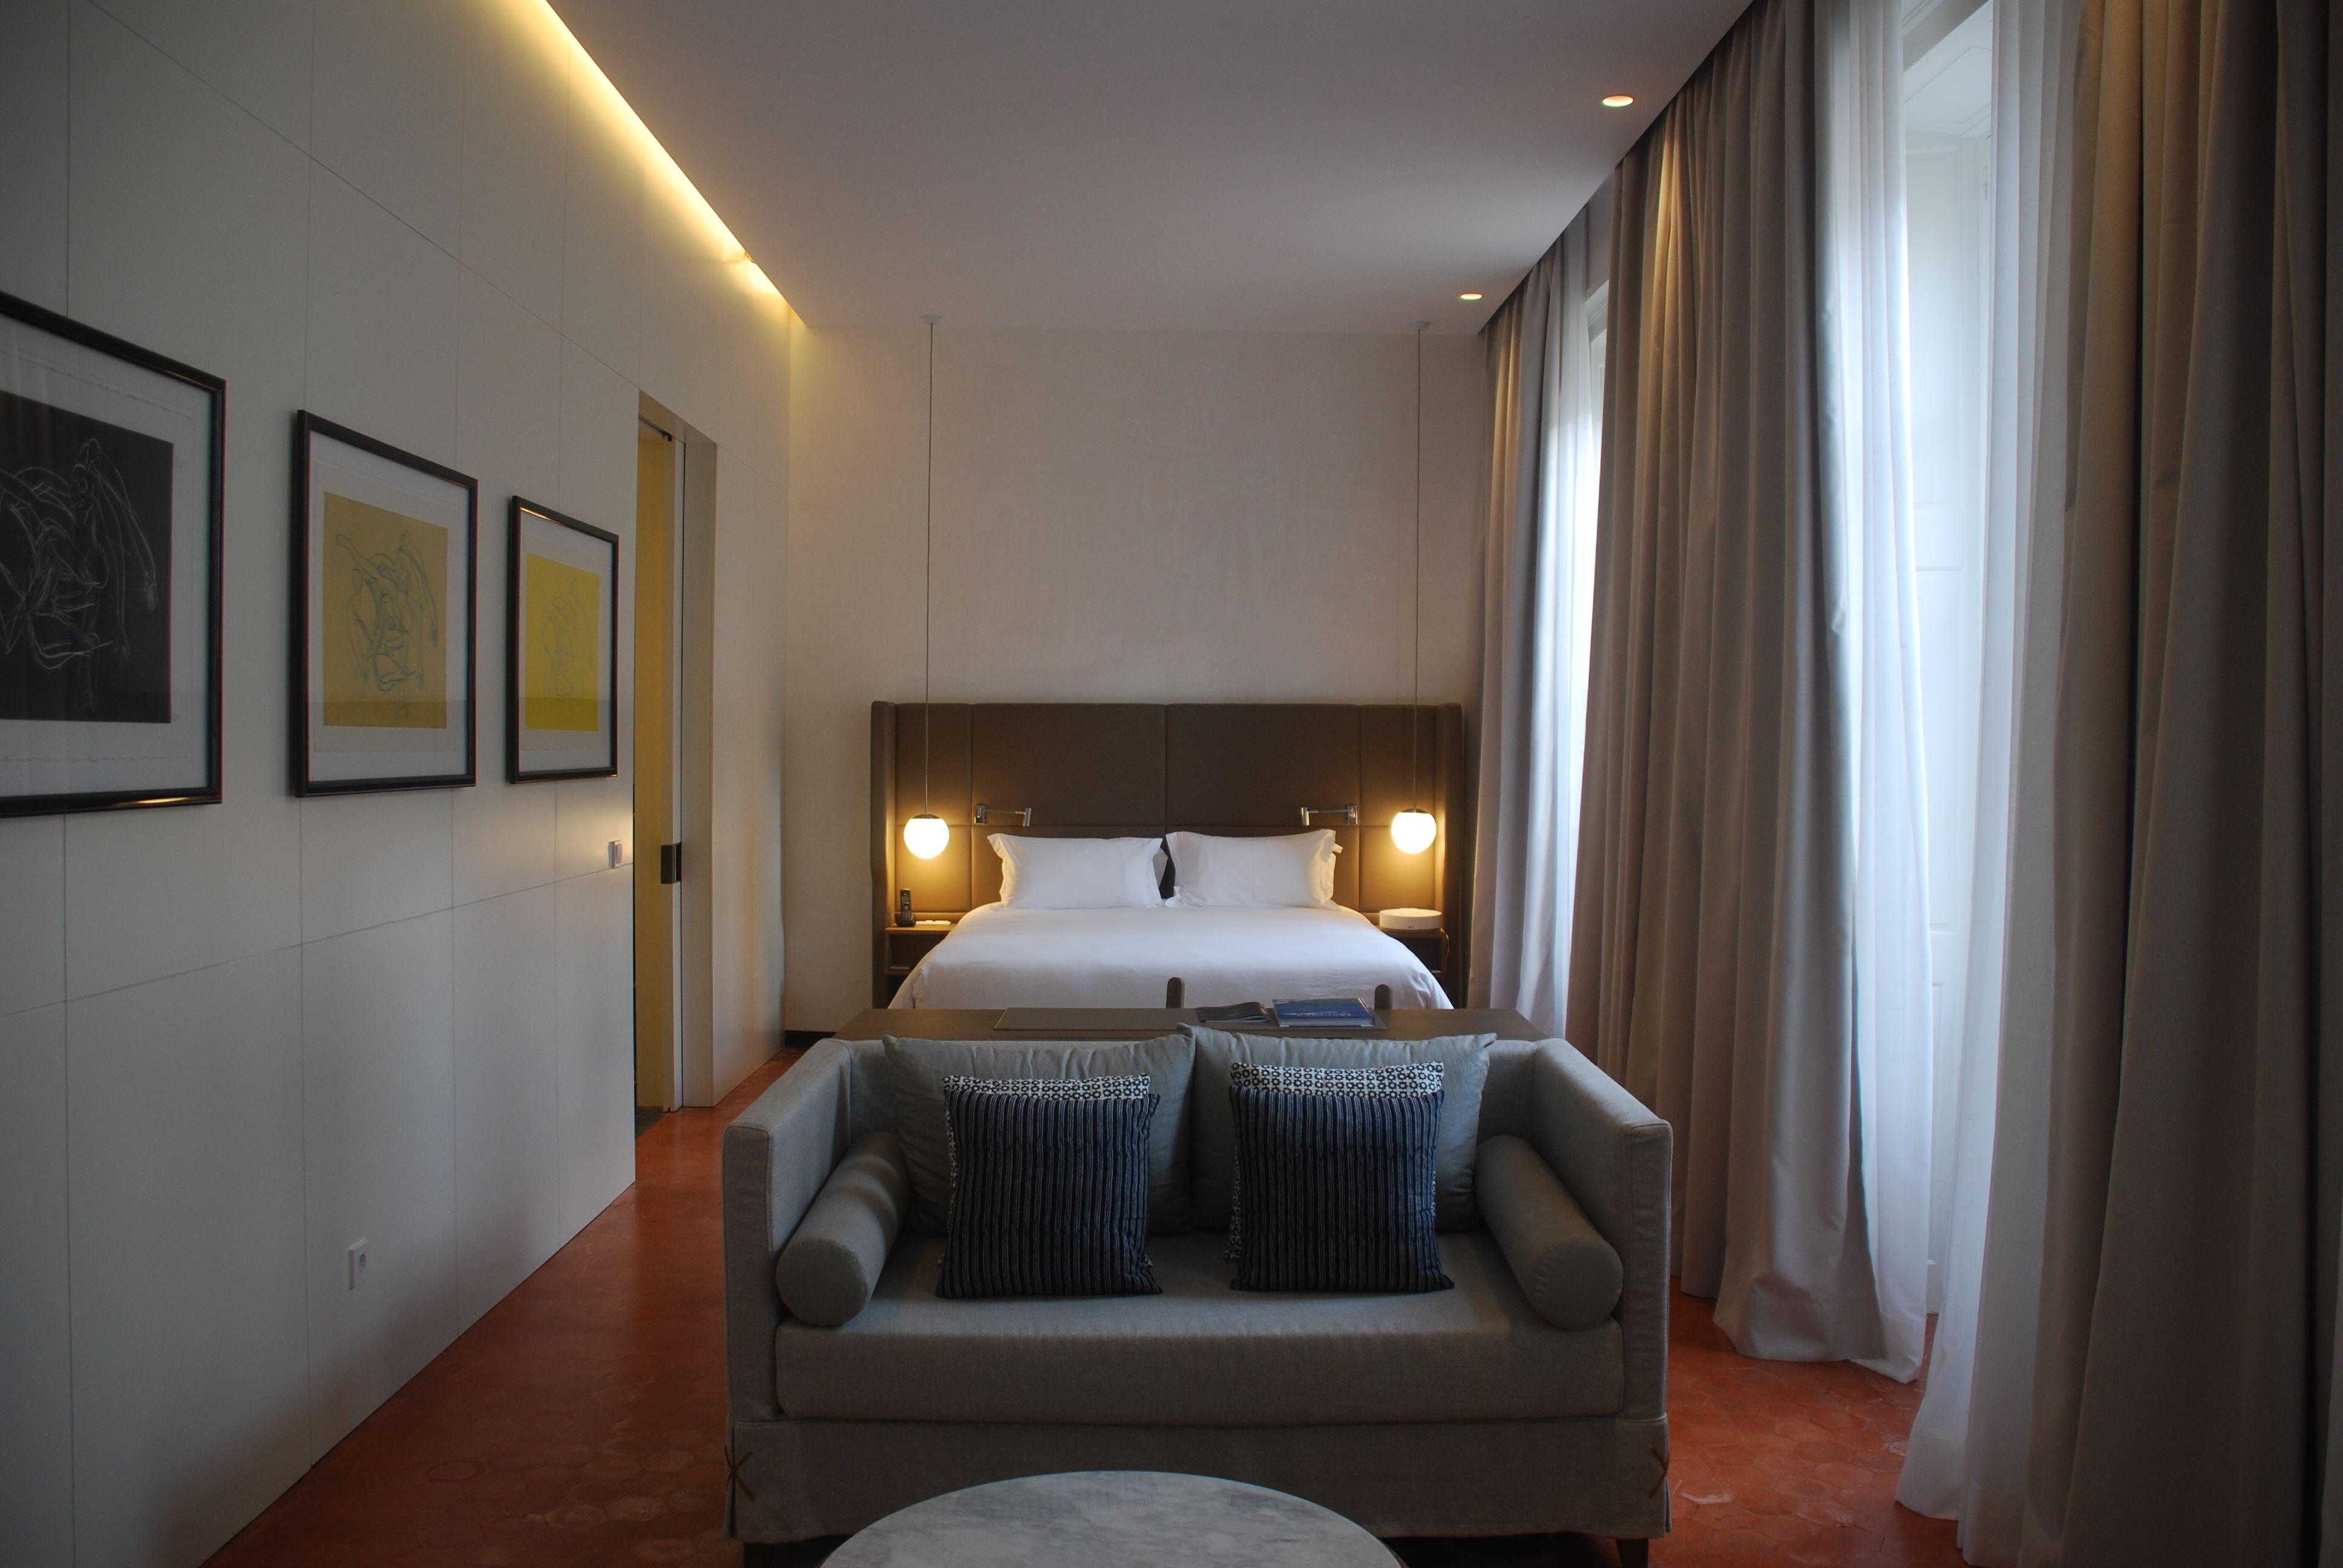 Svit Caixer Hotell Can Faustino, Ciutadella Menorca